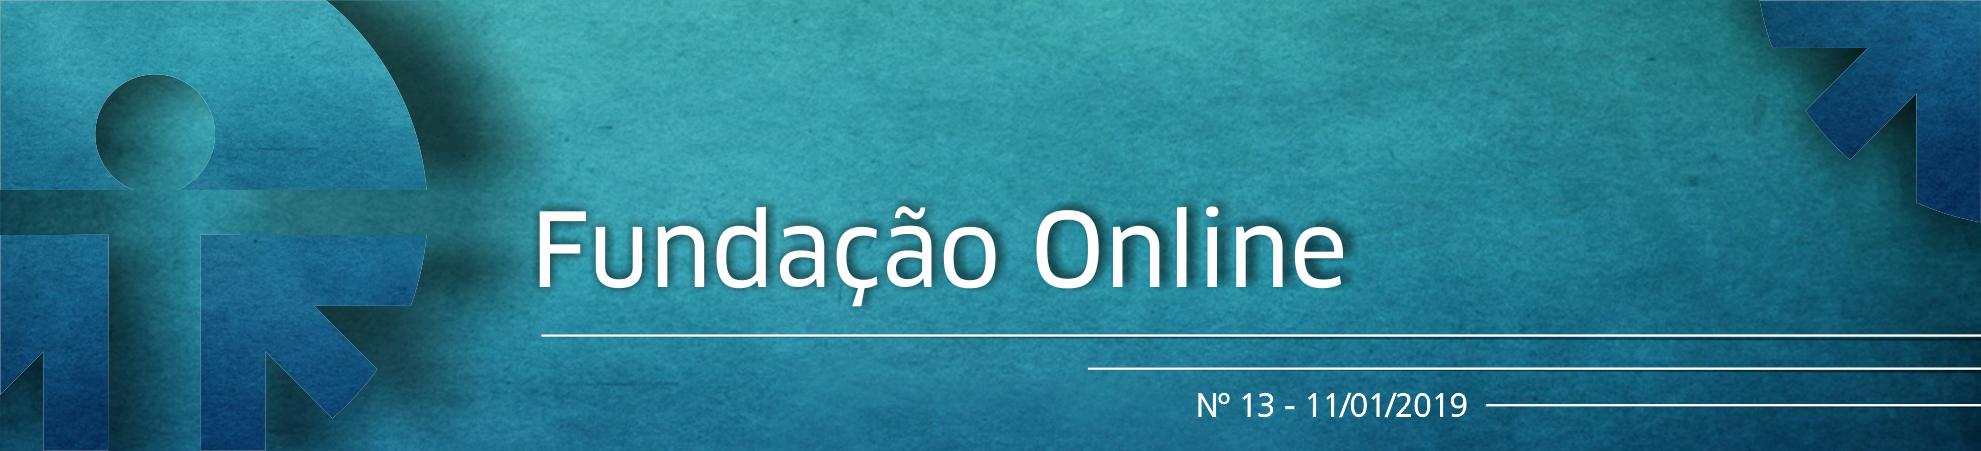 cabecalho_online_13